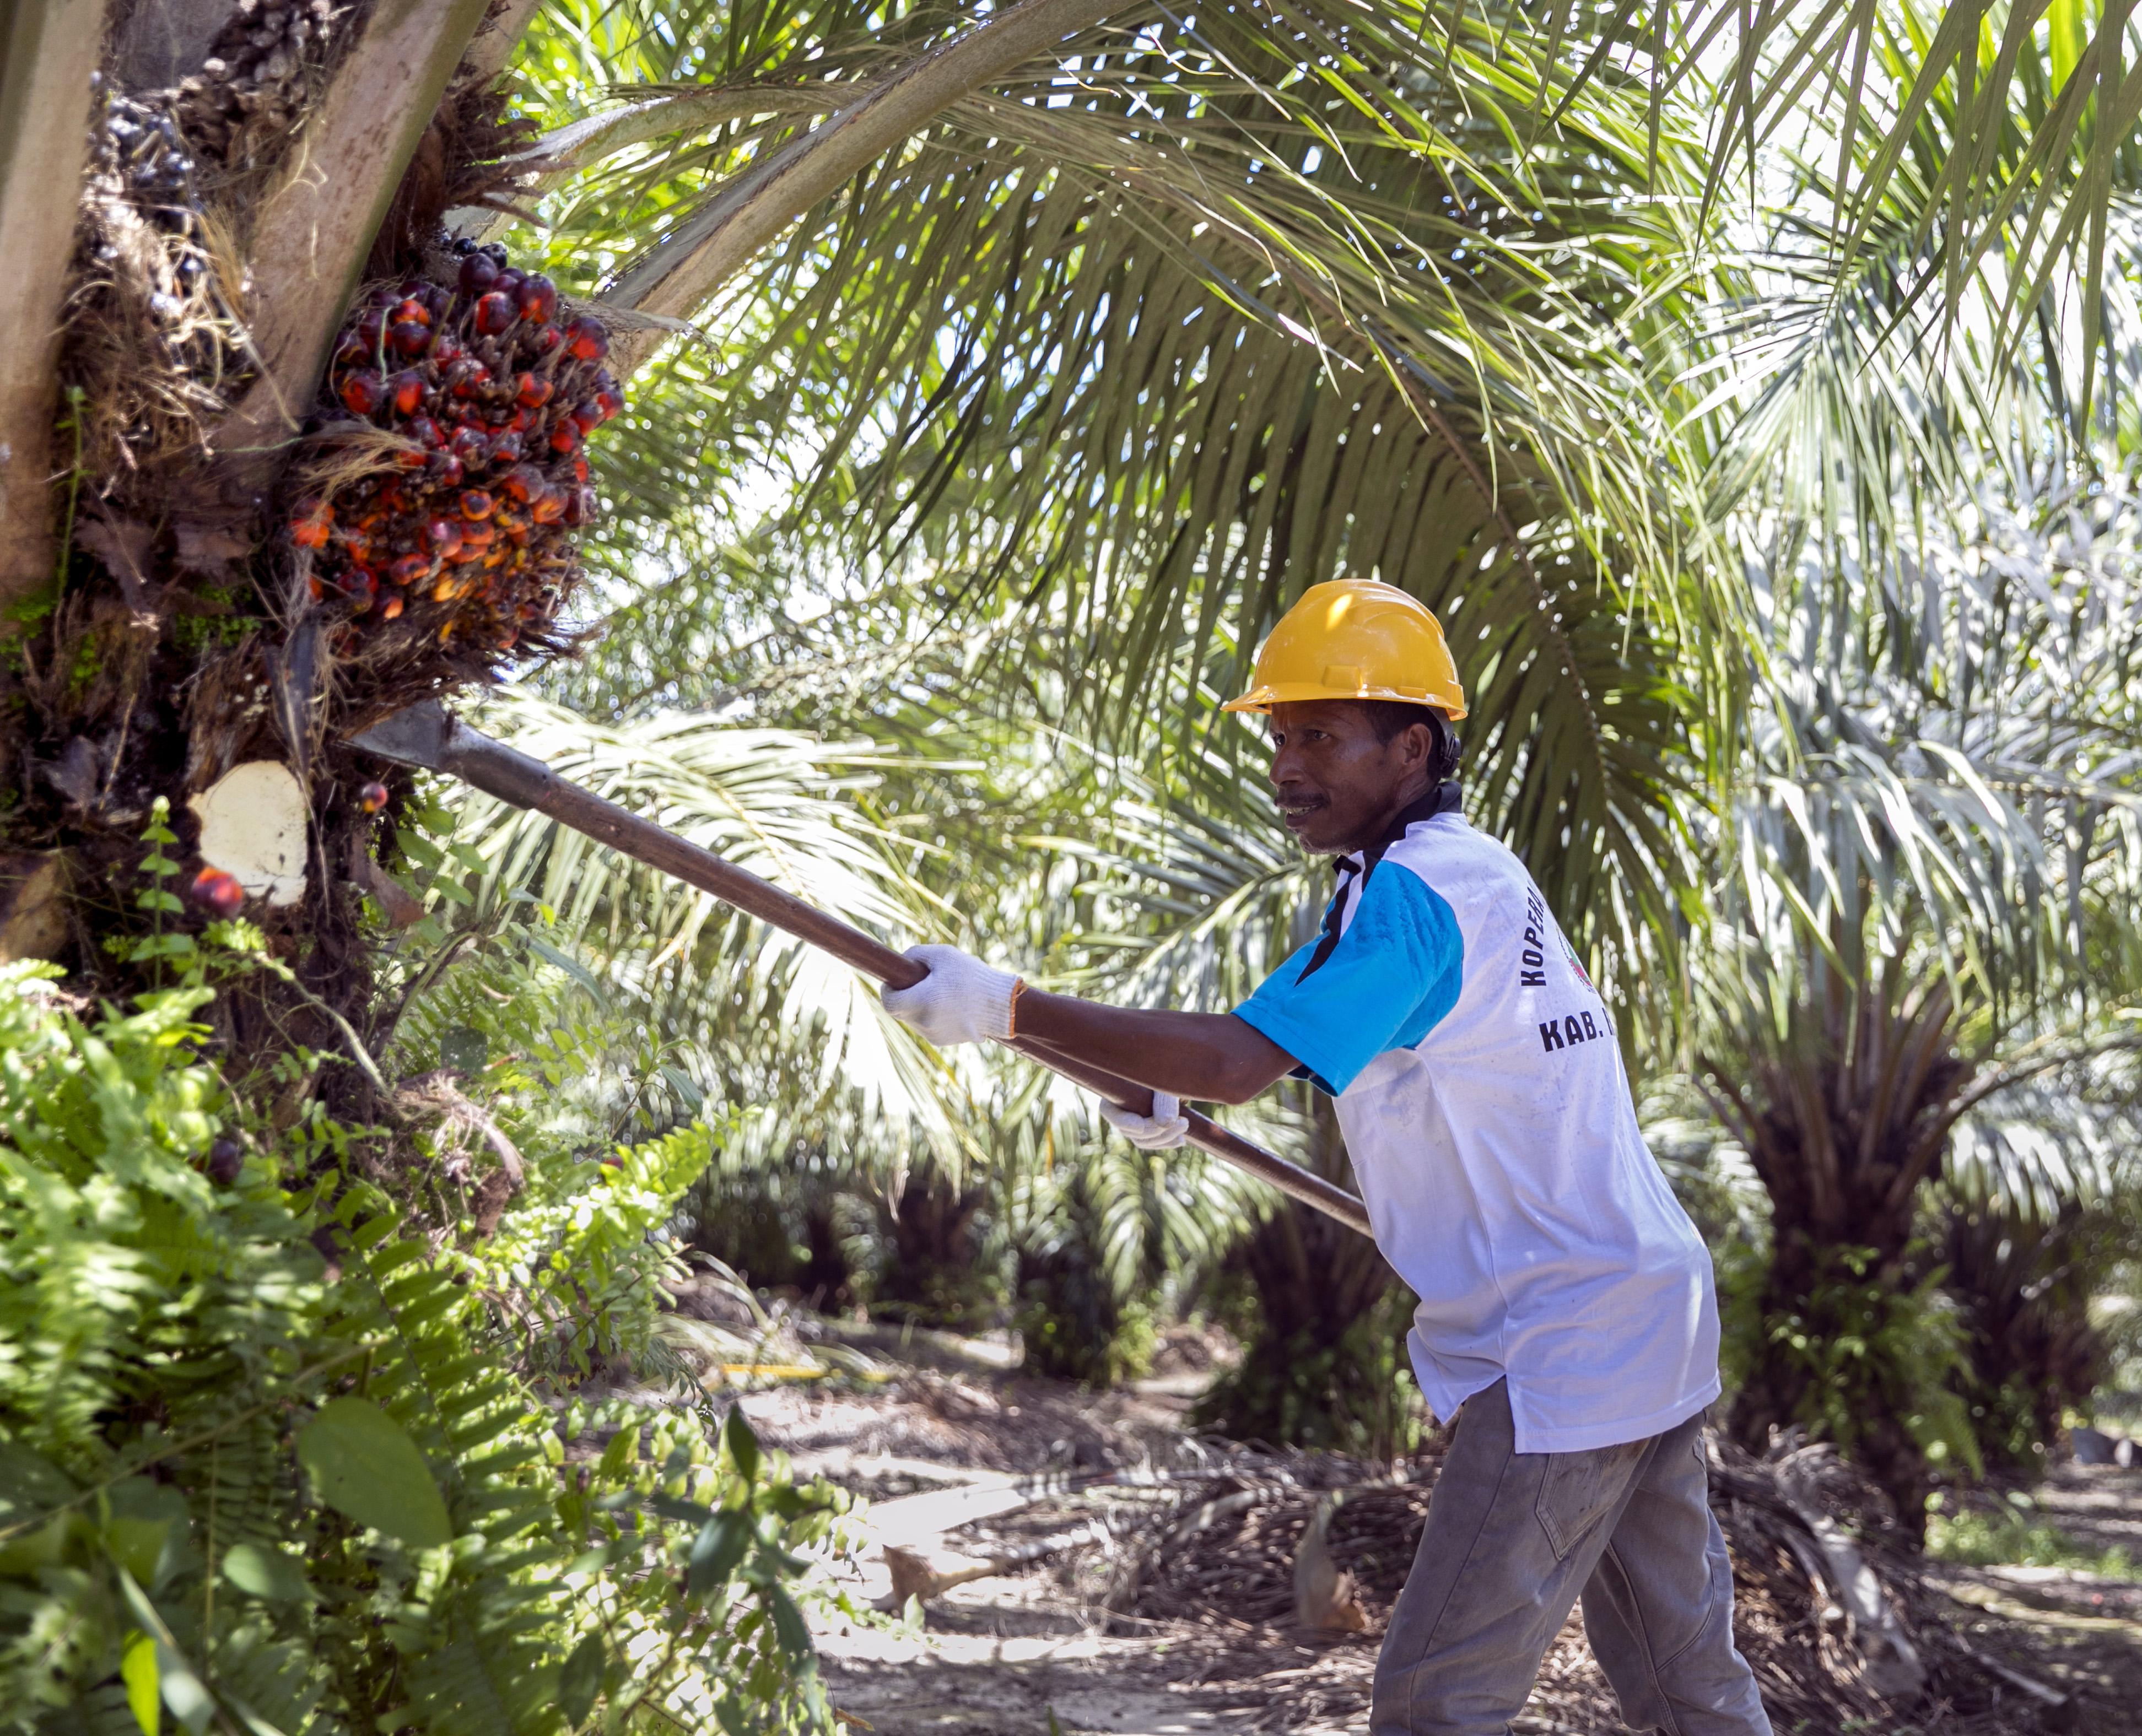 Arbeiter bei der Ernte von Palmölfrüchten